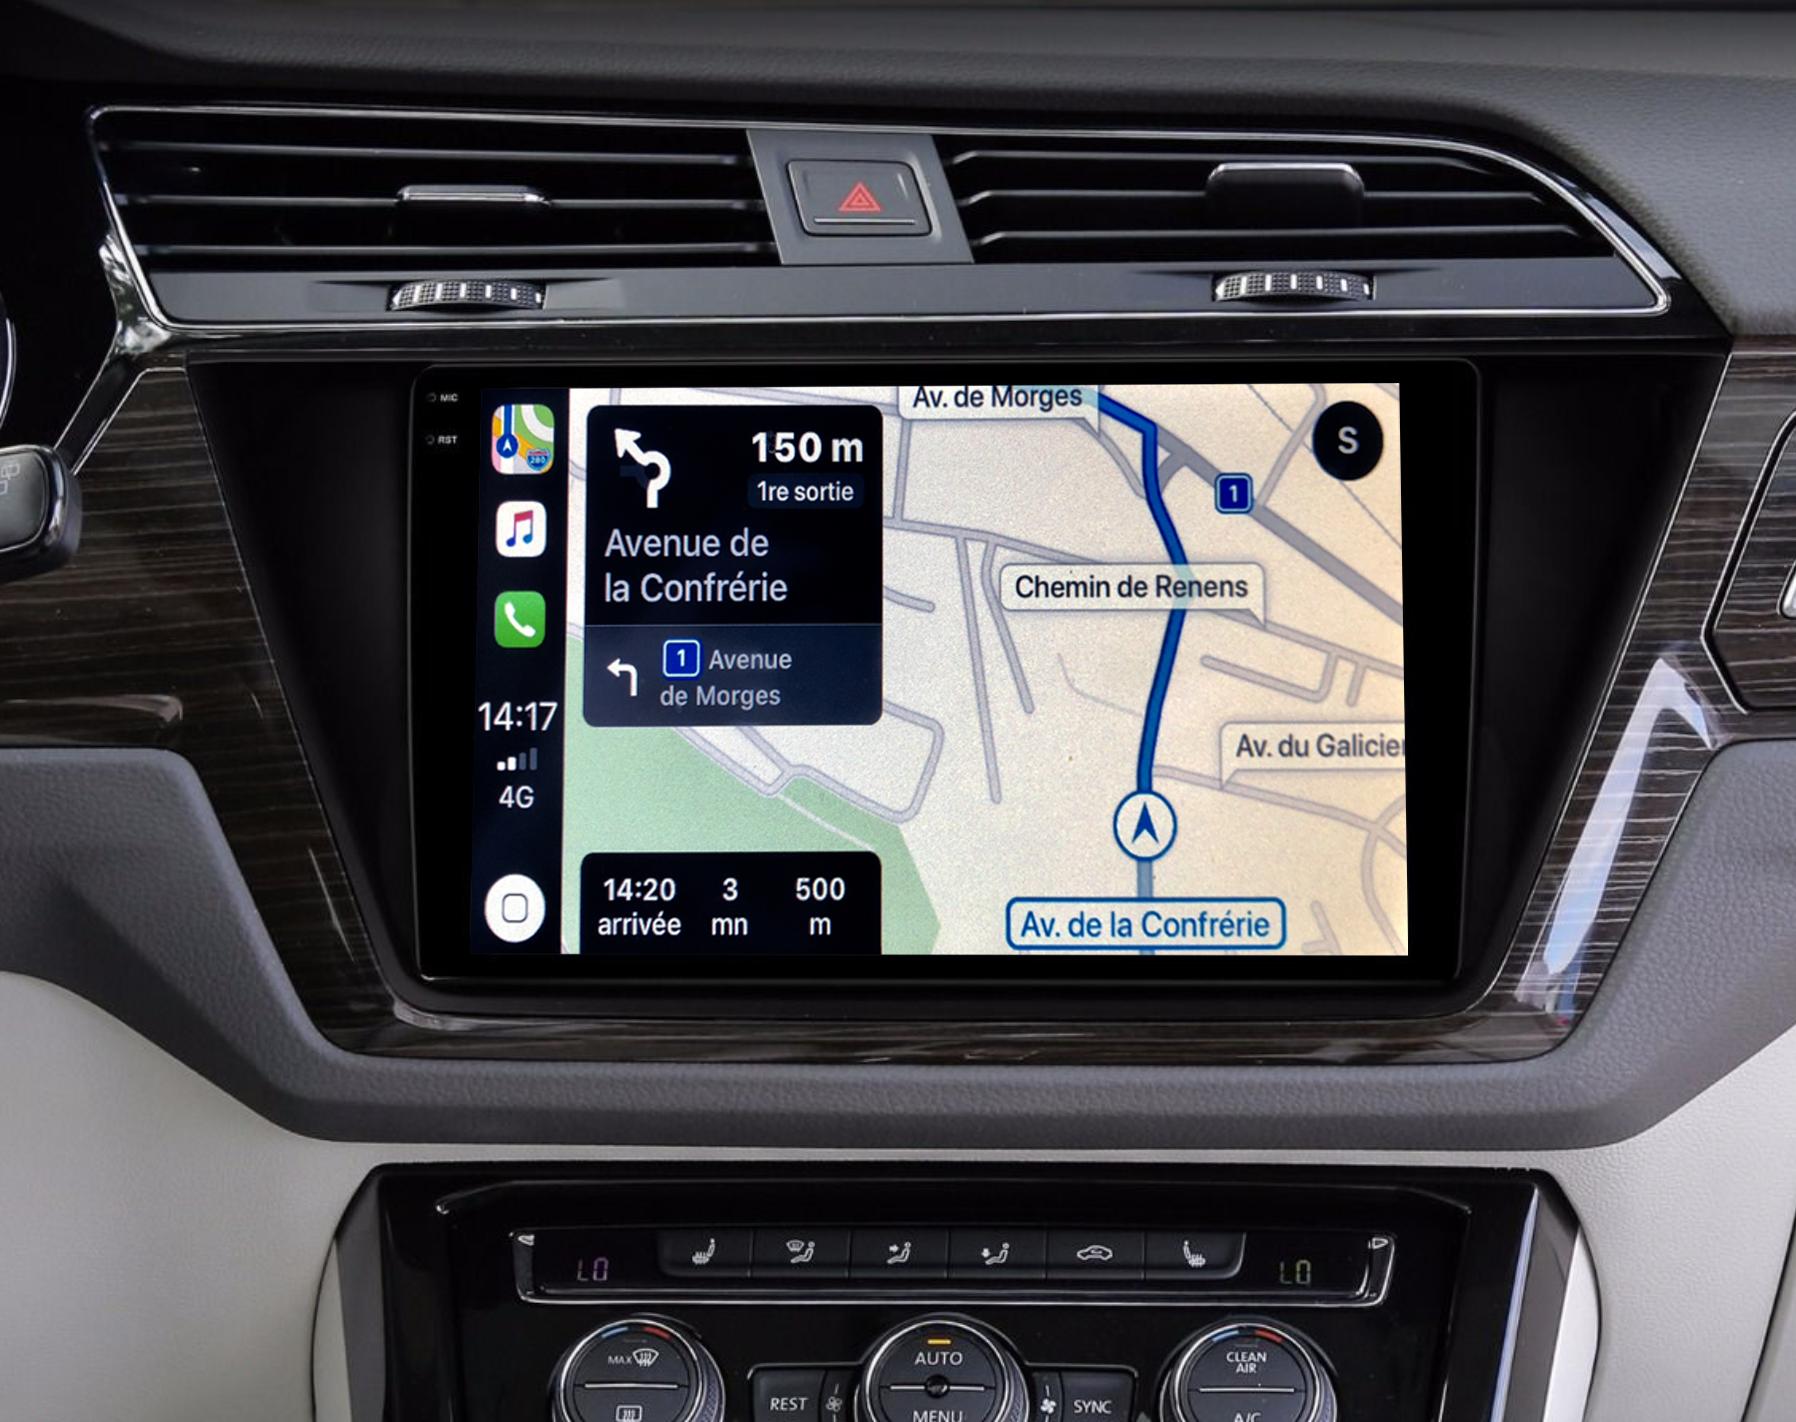 Autoradio GPS à écran tactile QLED Android 11.0 et Apple Carplay sans fil Volkswagen Touran depuis 2016